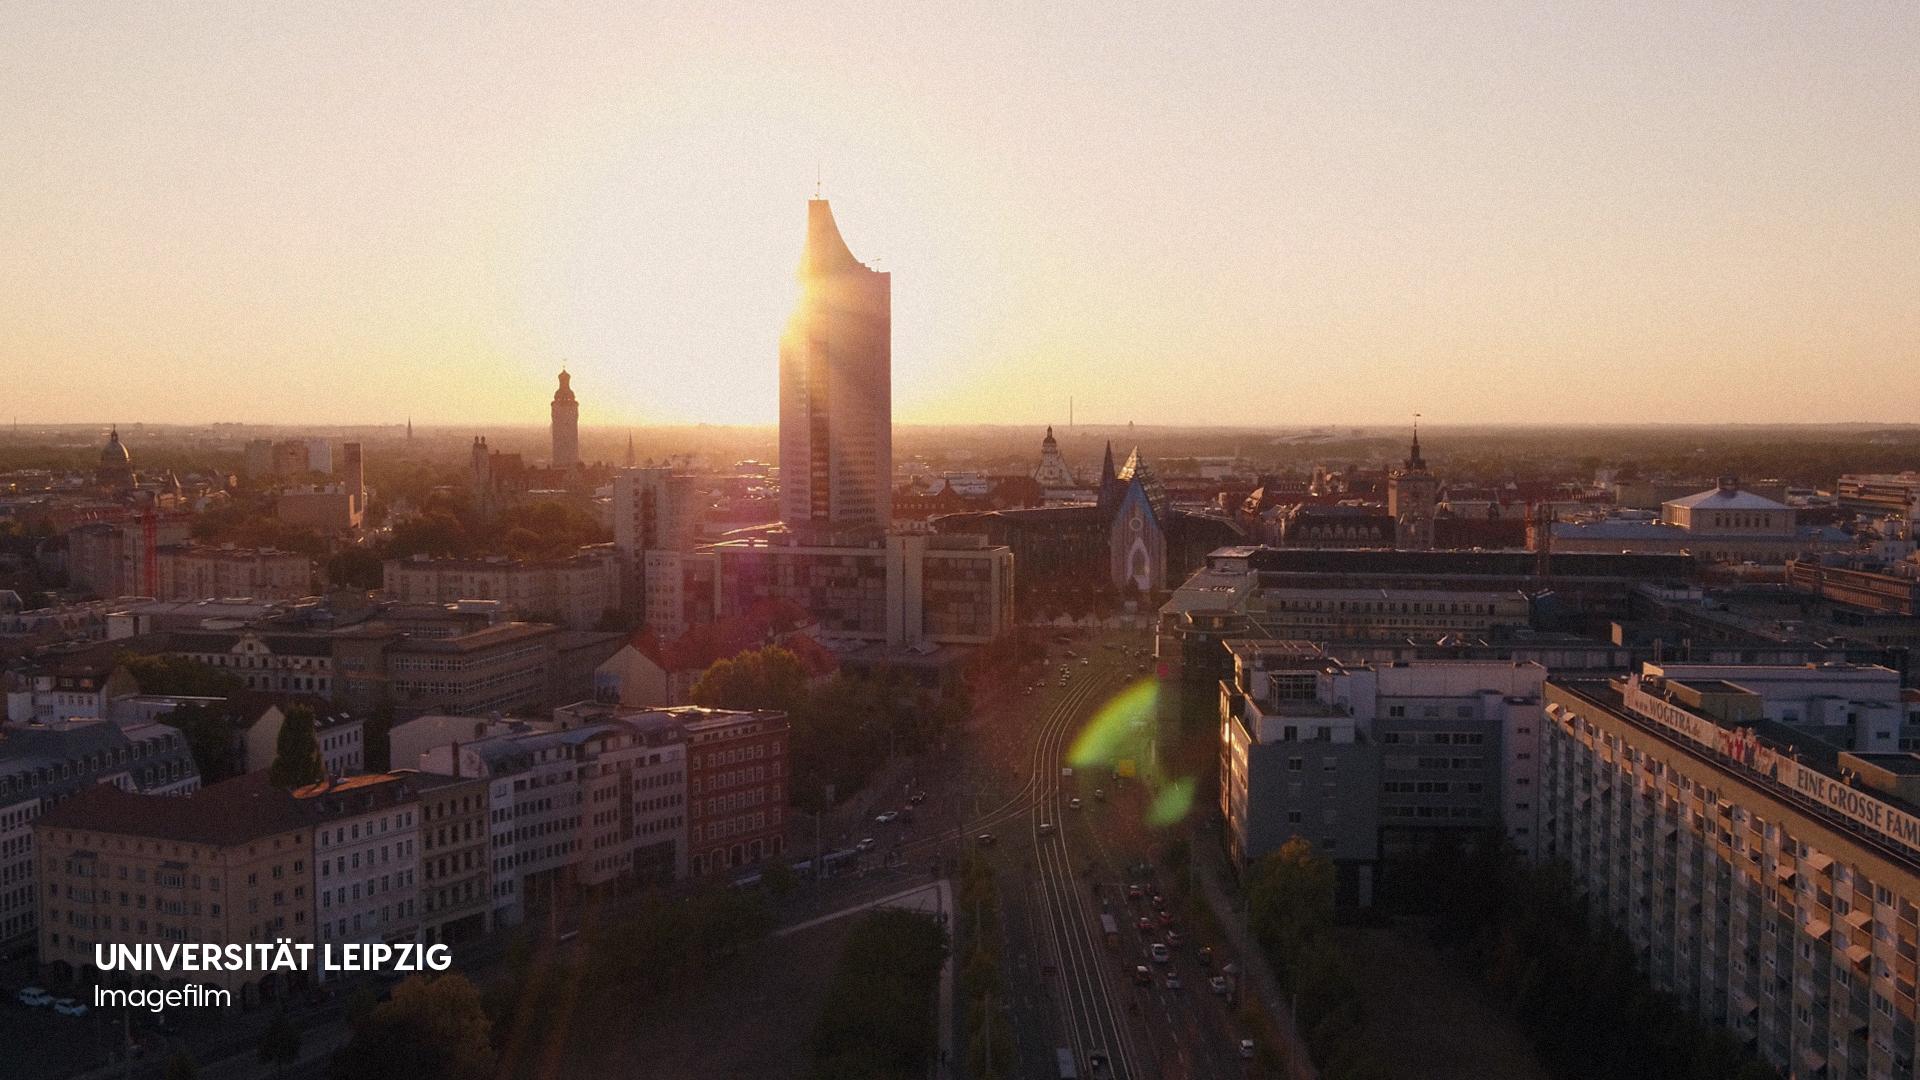 Filmproduktion Imagefilm Universität Leipzig Stadt